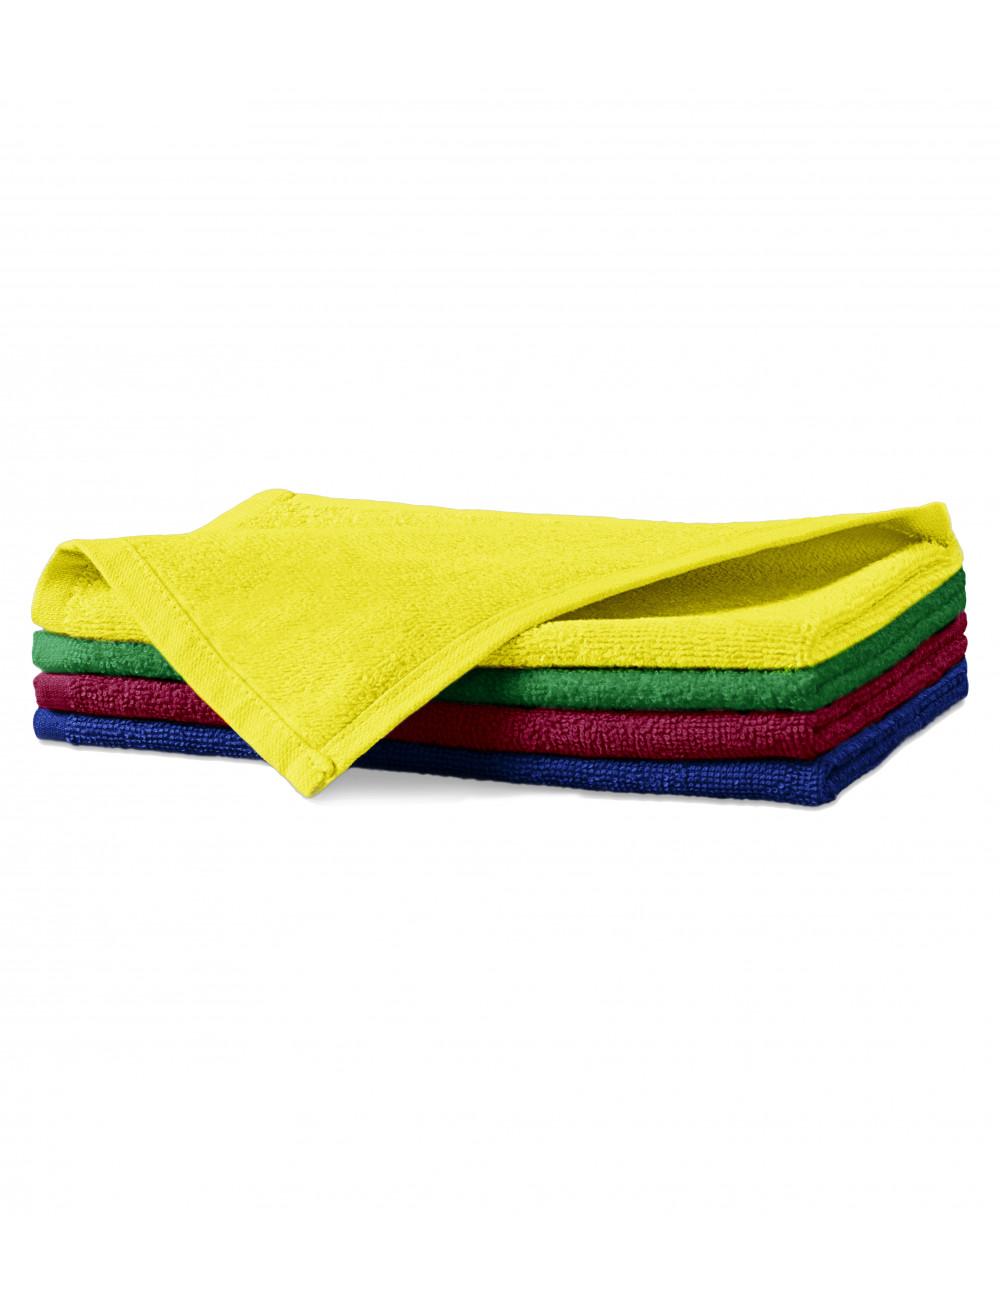 Adler MALFINI Ręcznik mały unisex Terry Hand Towel 907 zieleń trawy